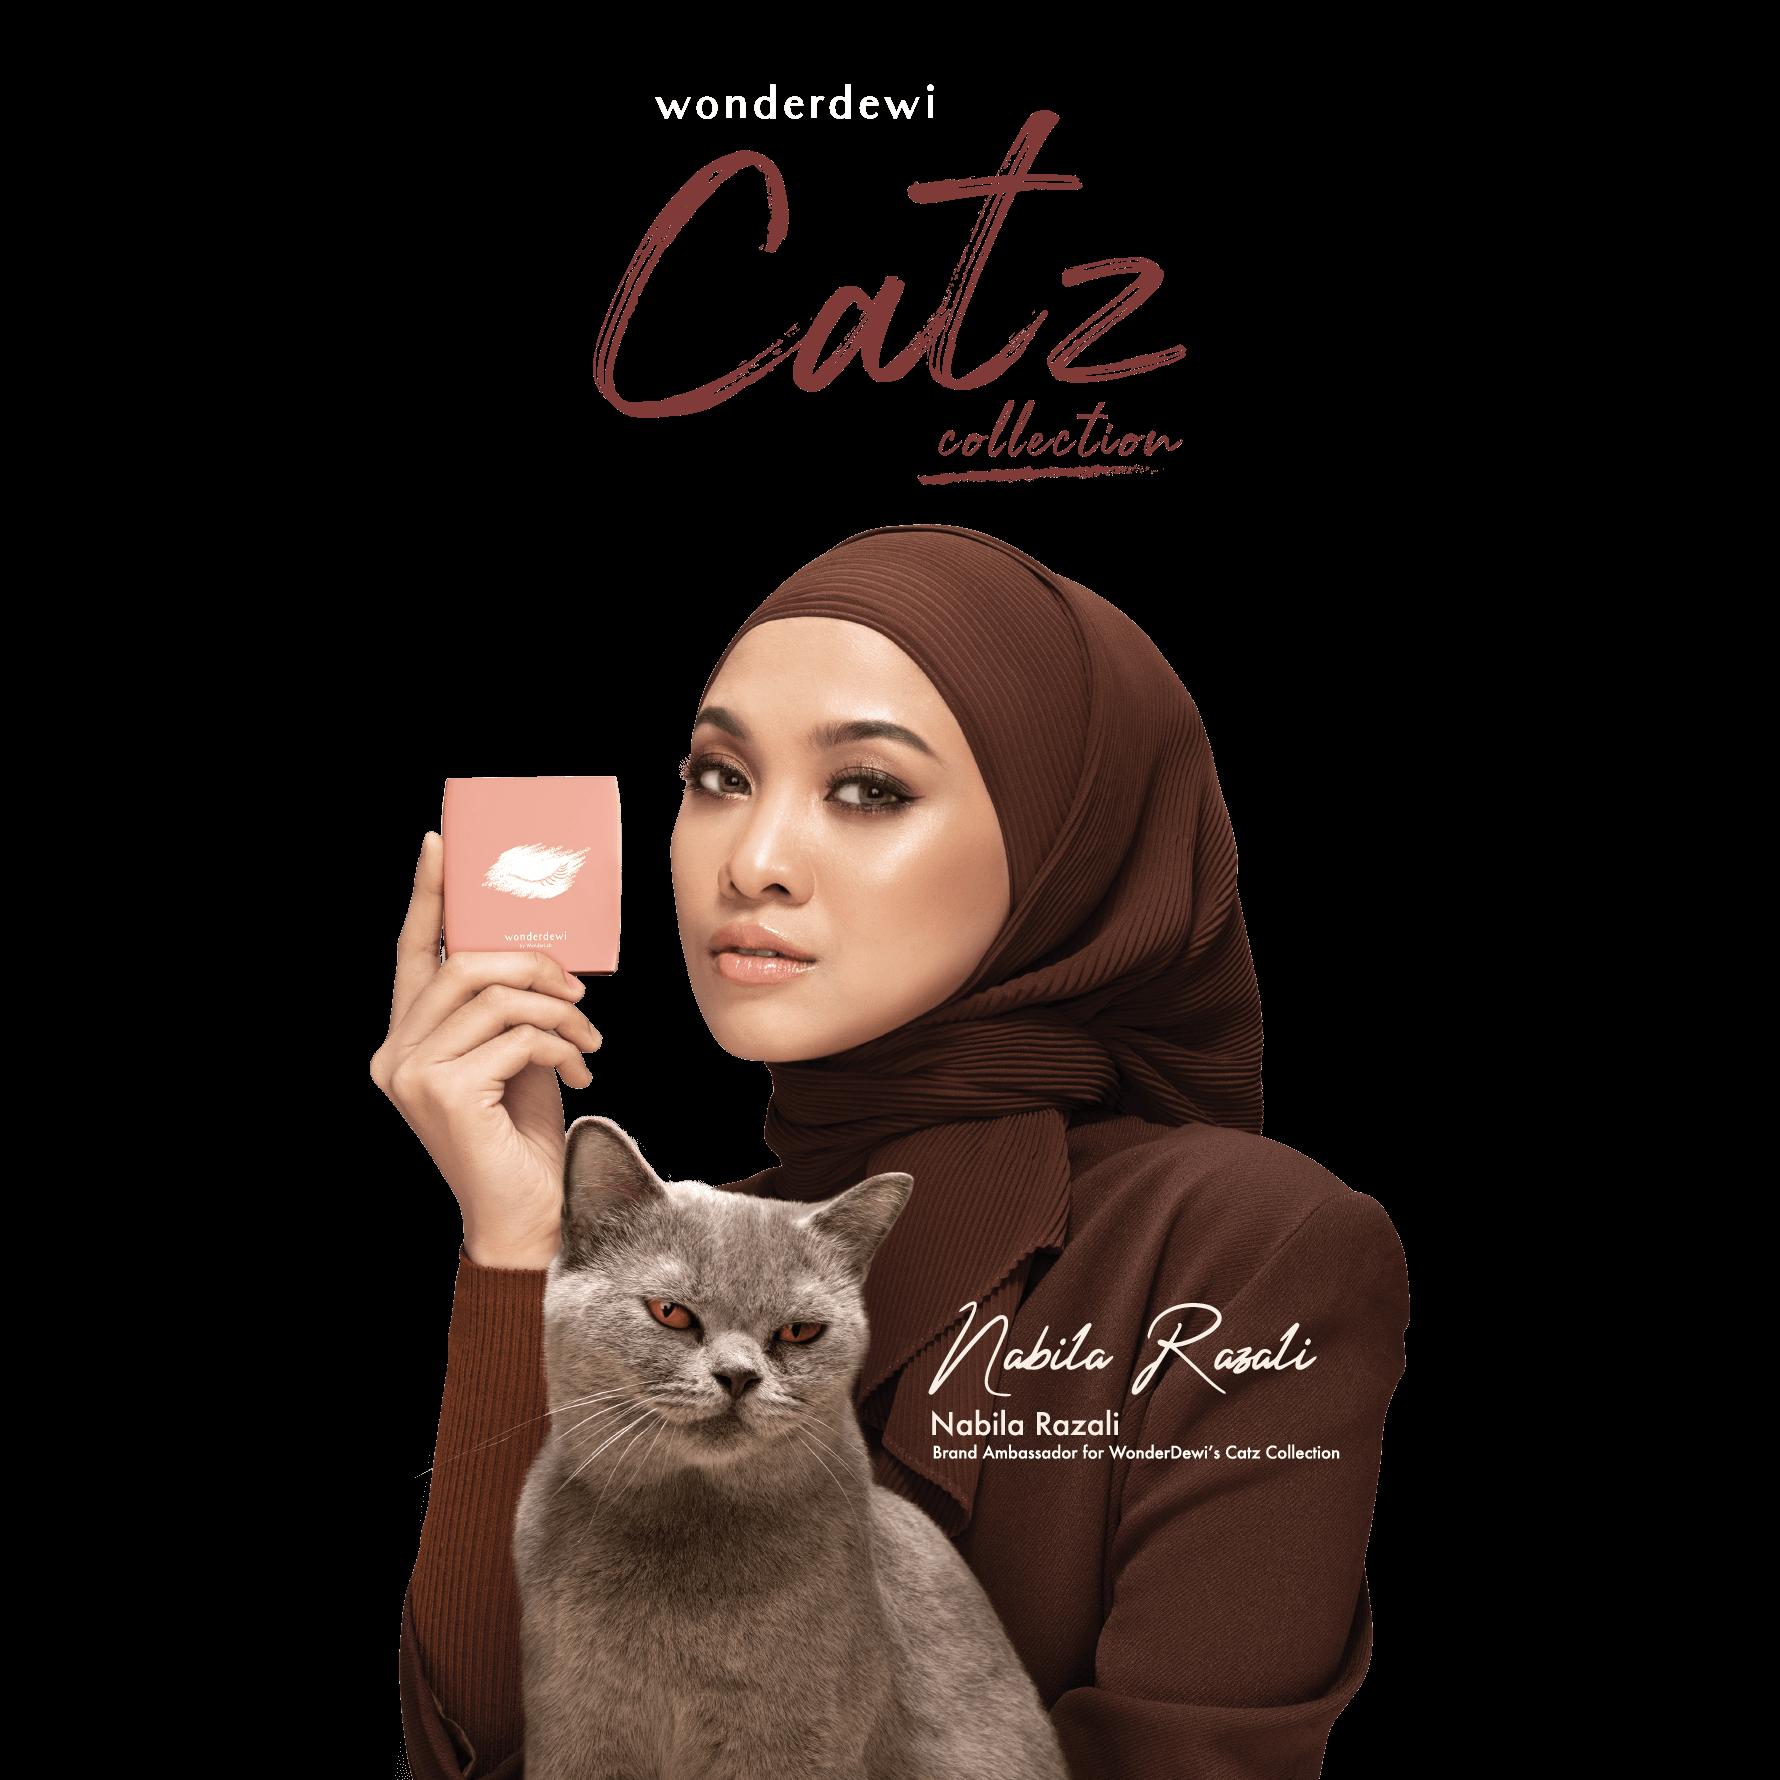 wonderlab catz banner mb